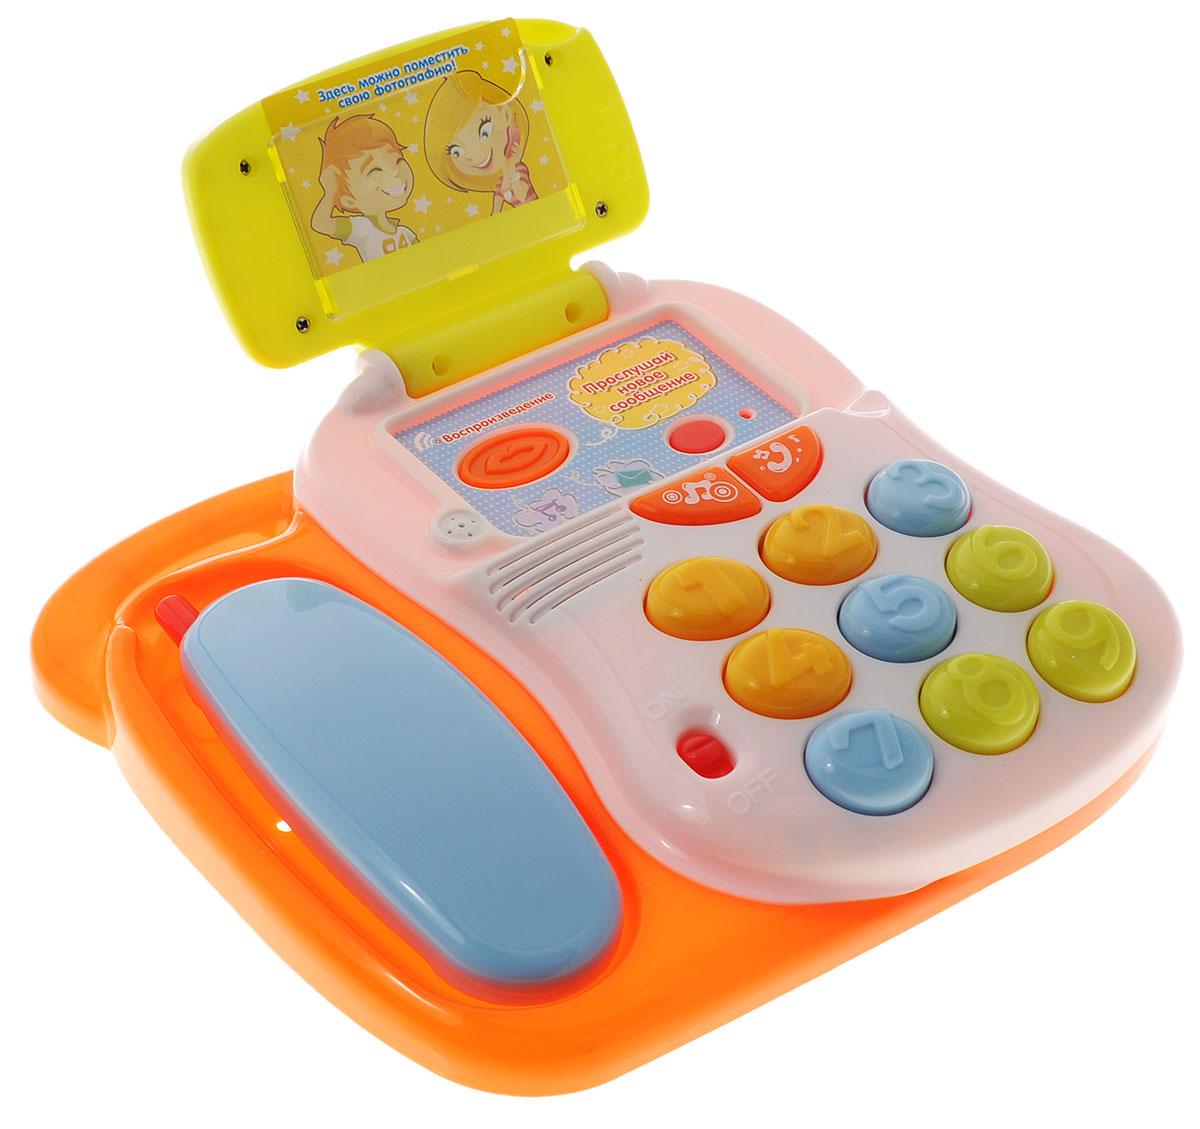 Mommy Love Развивающая игрушка Говорящий телефонTT13Развивающая игрушка Говорящий телефон со звуковыми и световыми эффектами, непременно понравится вашему малышу и станет для него любимой игрушкой. Ребенок познакомится со стандартными звуками набора номера, дозвона, длинными или короткими гудками, а также несколькими веселыми мелодиями. У телефона имеется функция записи - 10 секунд. В верхнее окошко можно вставить фотографию. Порадуйте своего ребенка таким замечательным подарком! Для работы необходимо 2 батарейки типа АА (комплектуется демонстрационными).